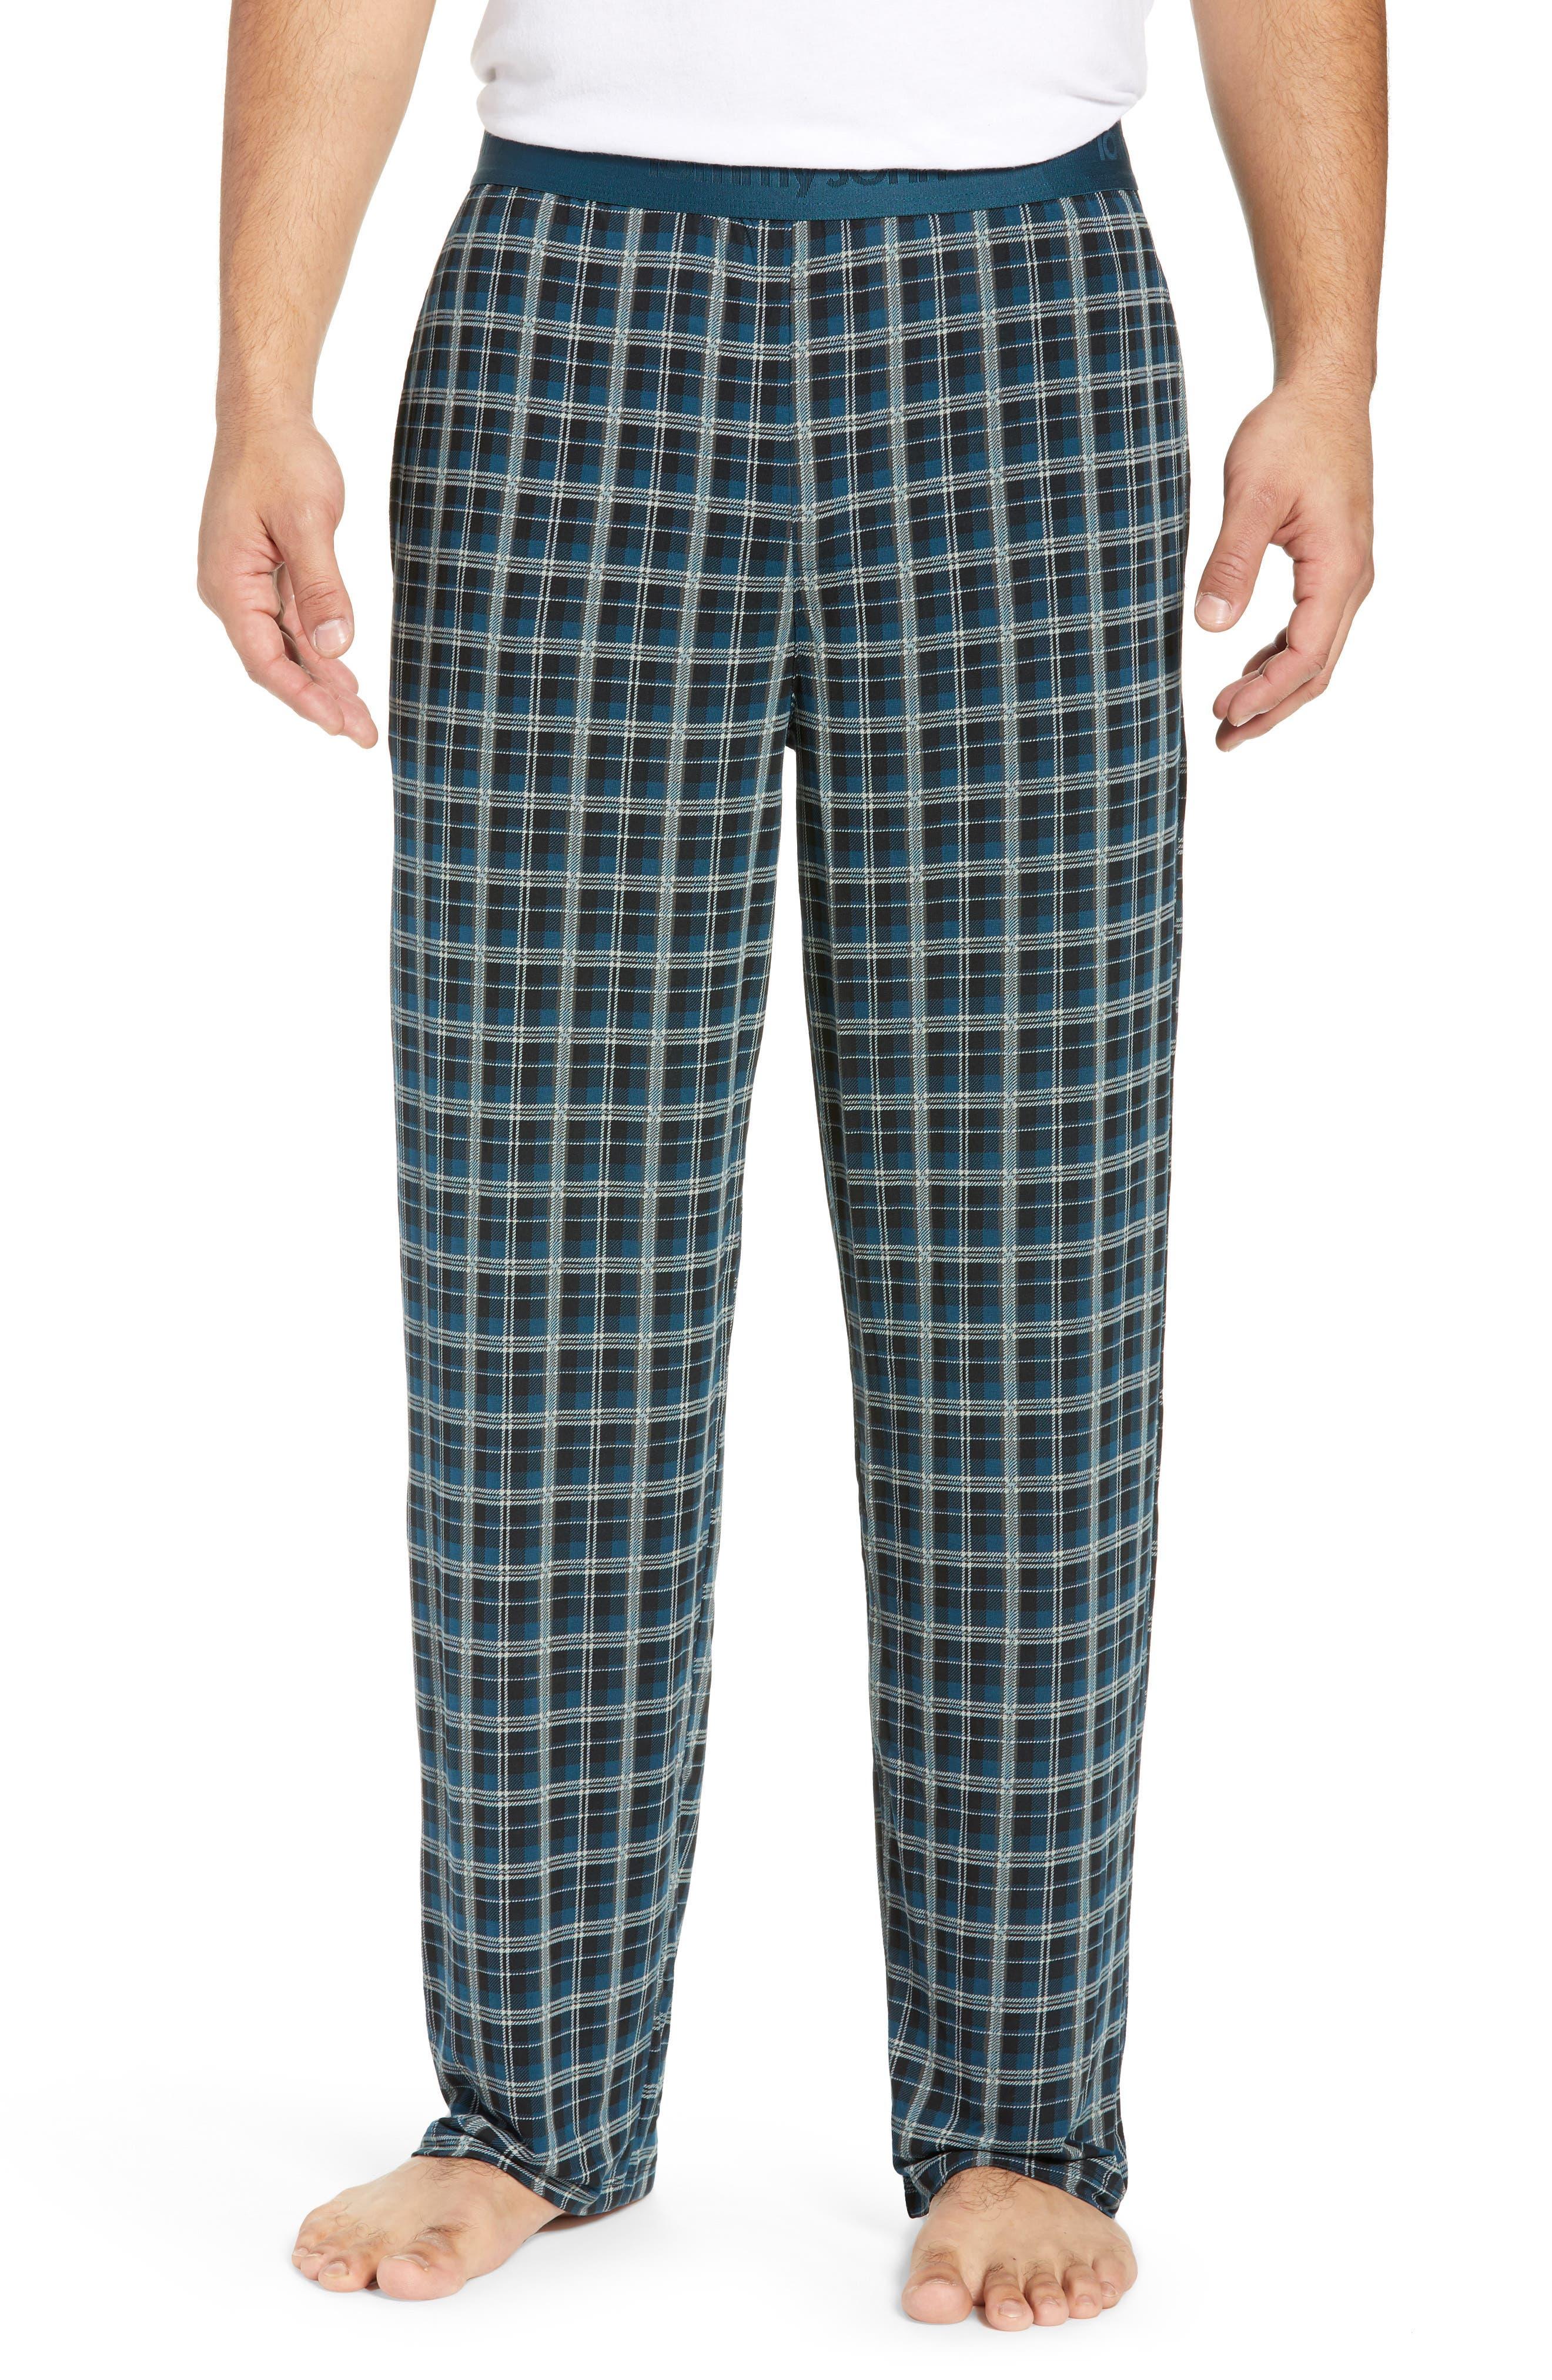 Tommy John Second Skin Stretch Modal Pajama Pants, Blue